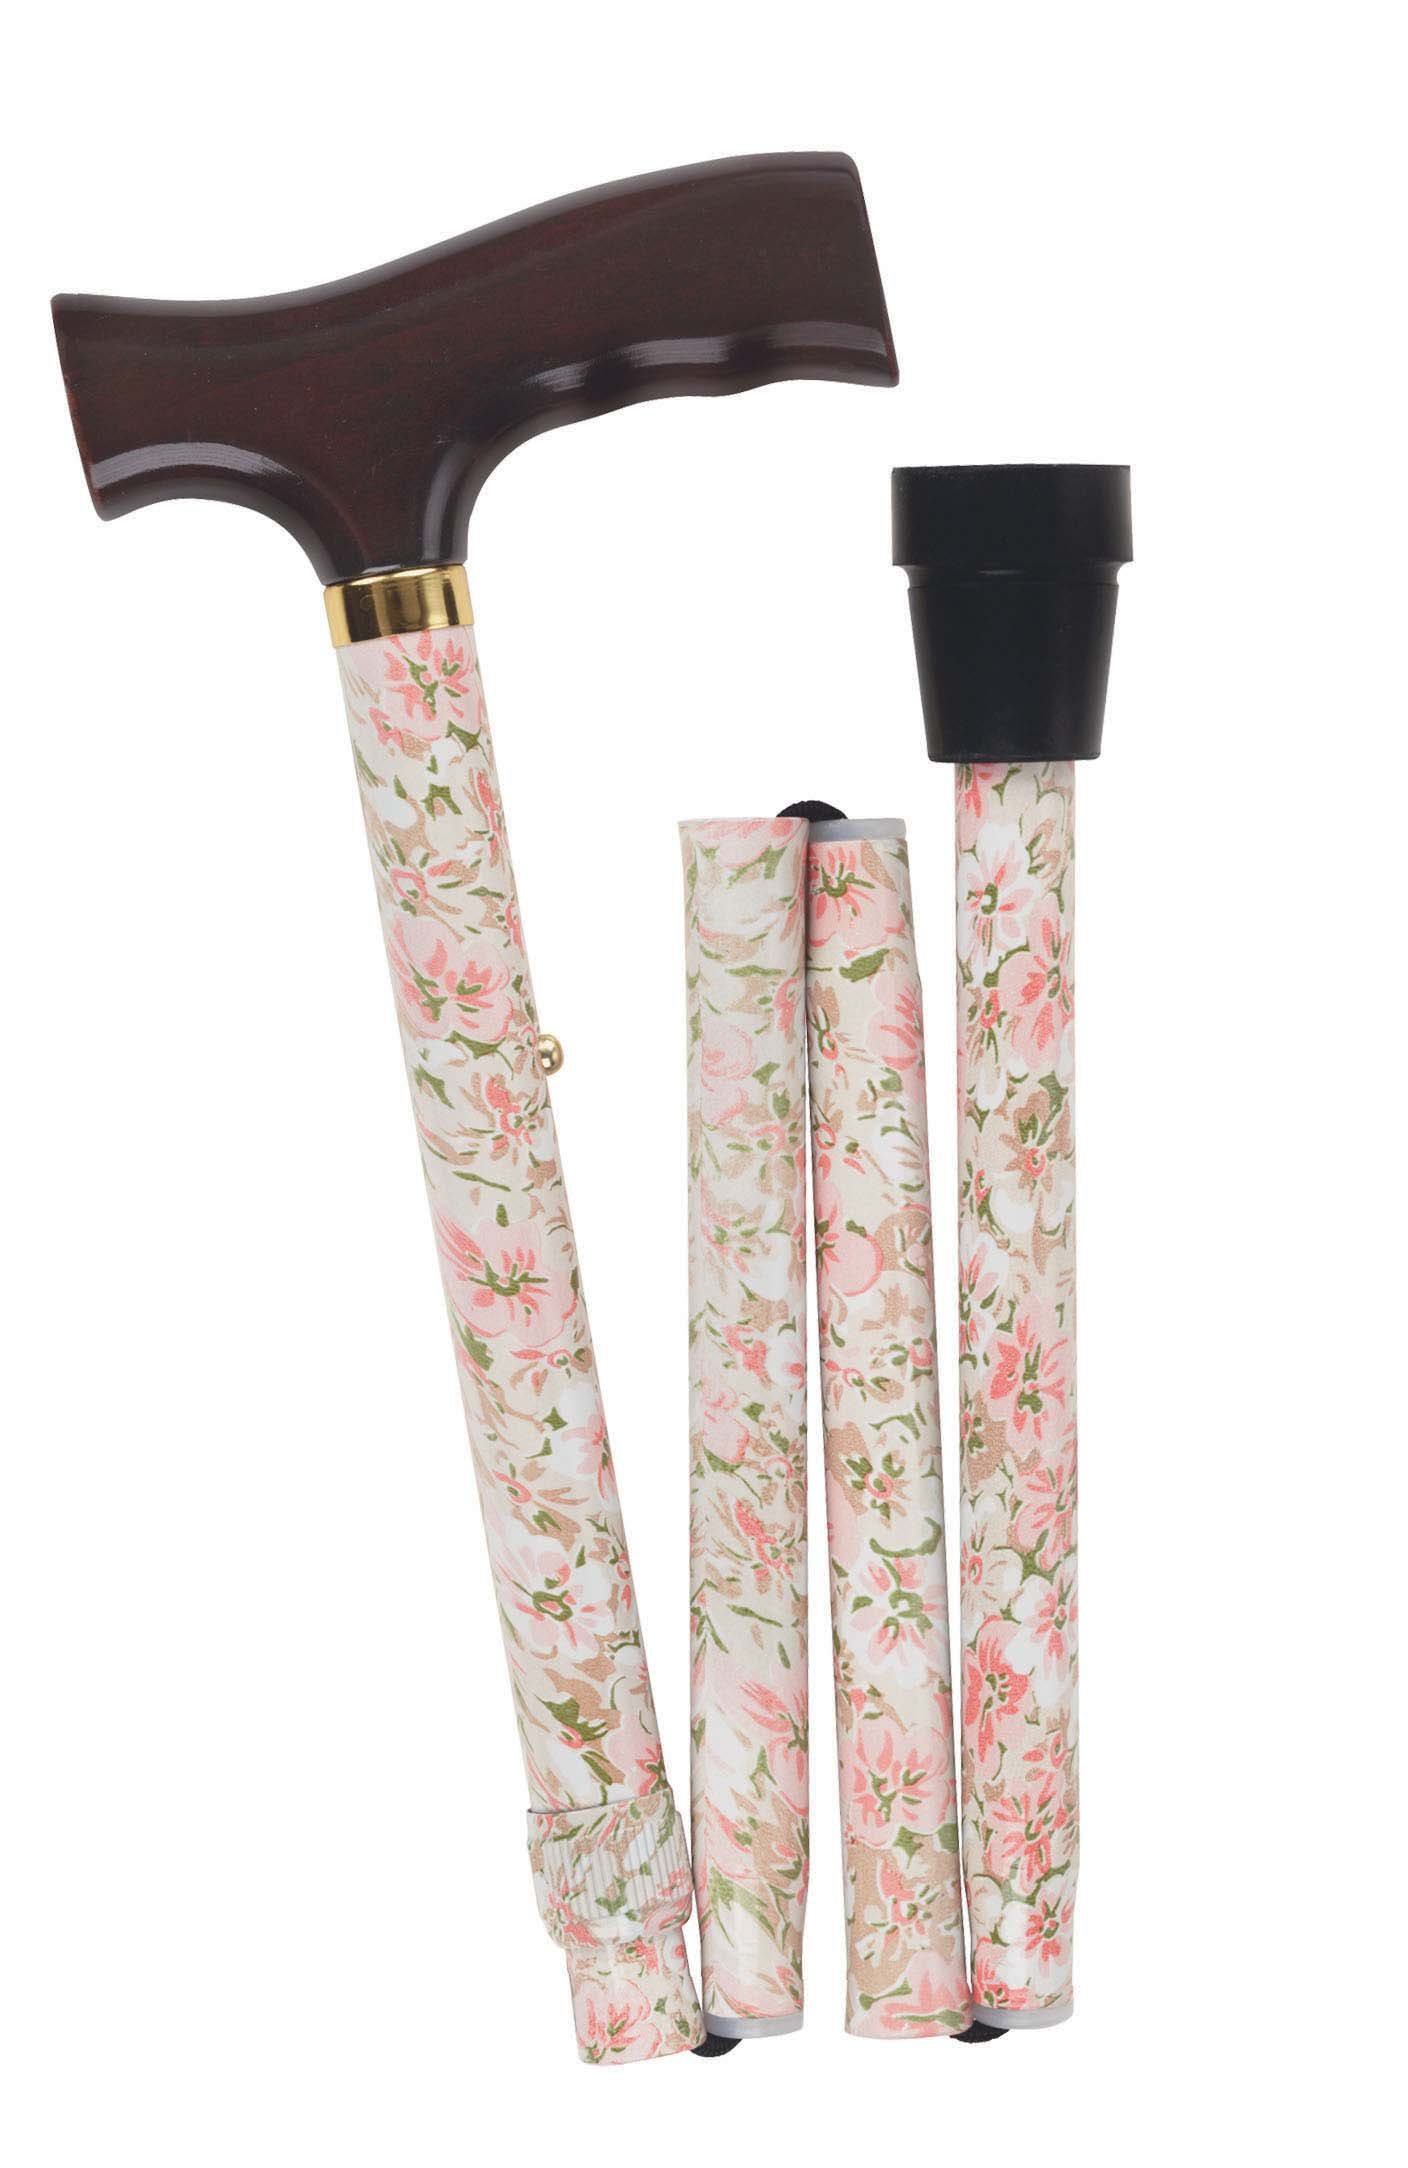 designer-folding-cane-derby-handle-beige-floral-502-1325-9906-lr.jpg